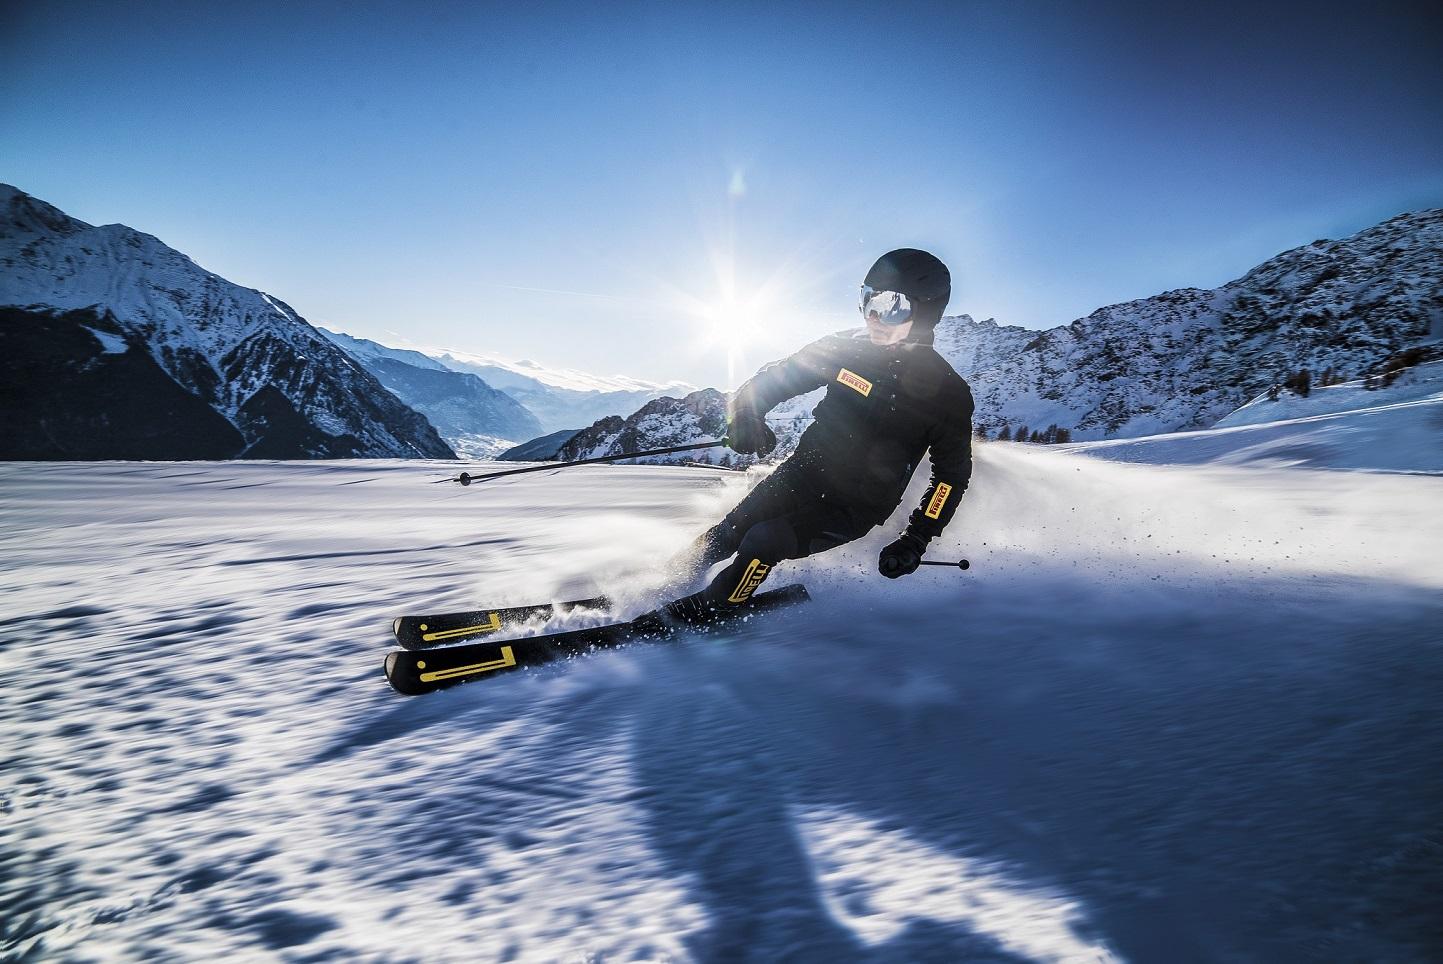 Pirelli Design и компания Blossom представили уникальные горные лыжи